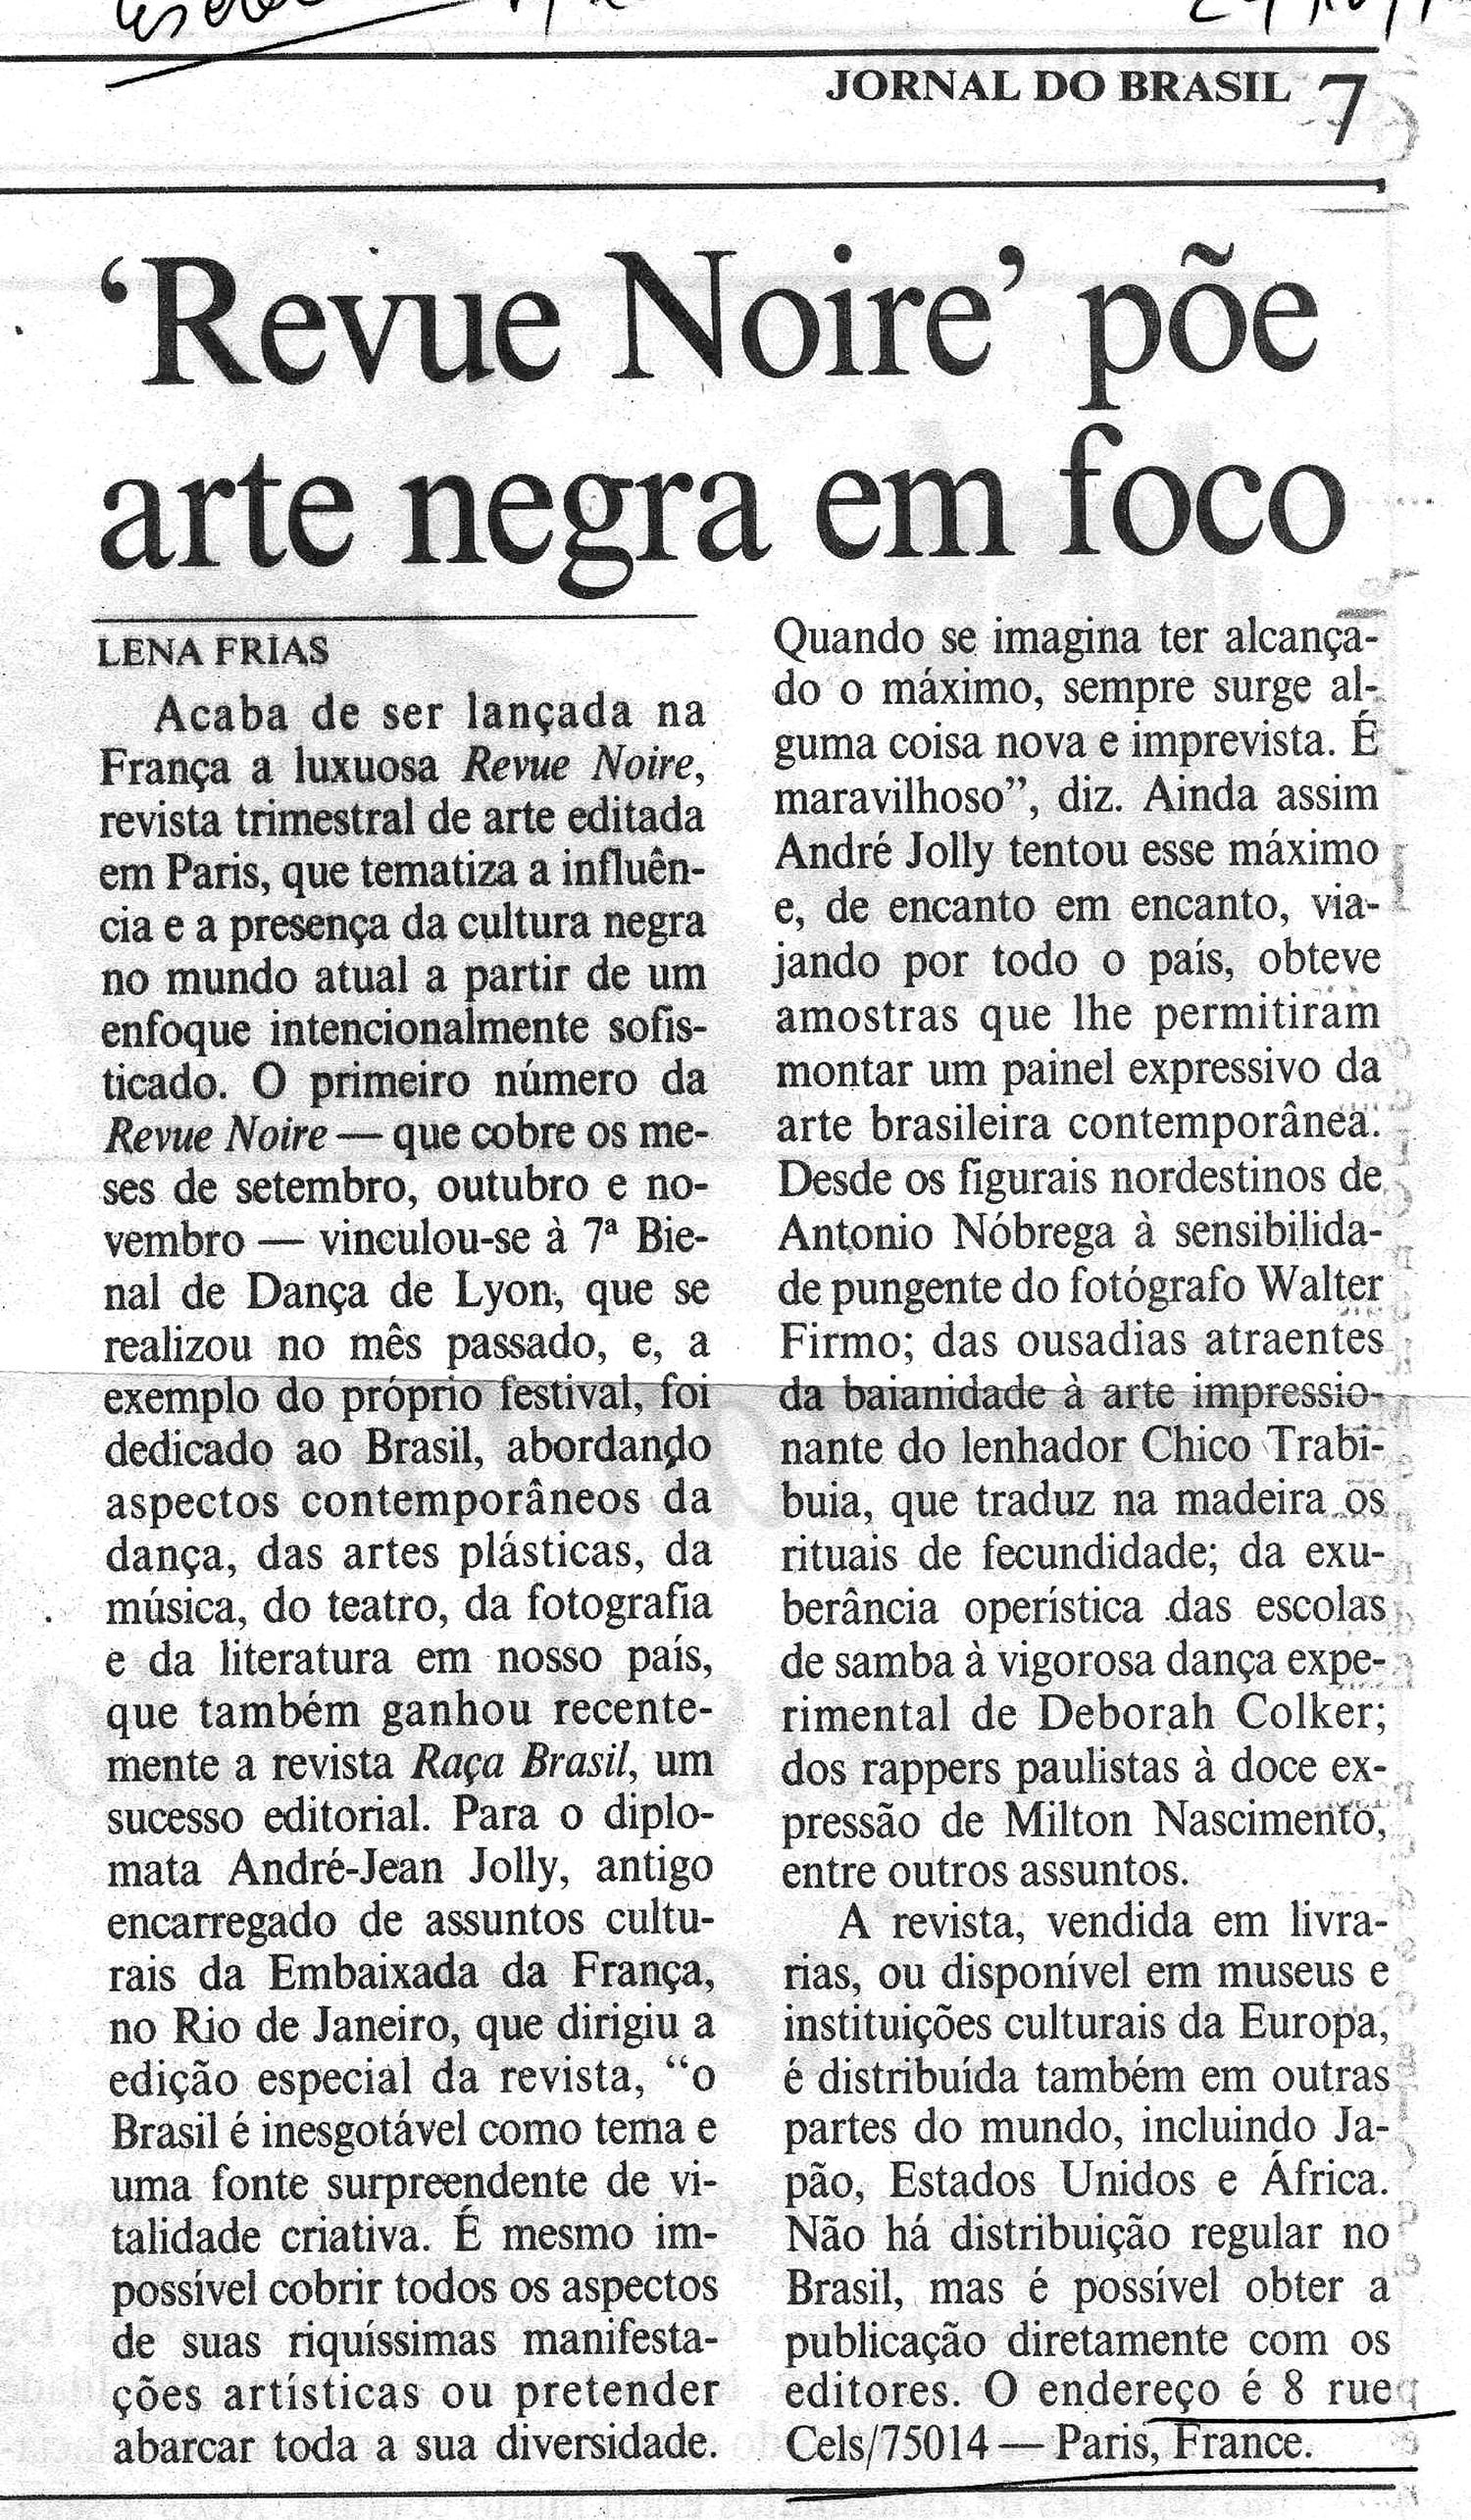 JornalBrasil-Oct1996-RevueNoire22